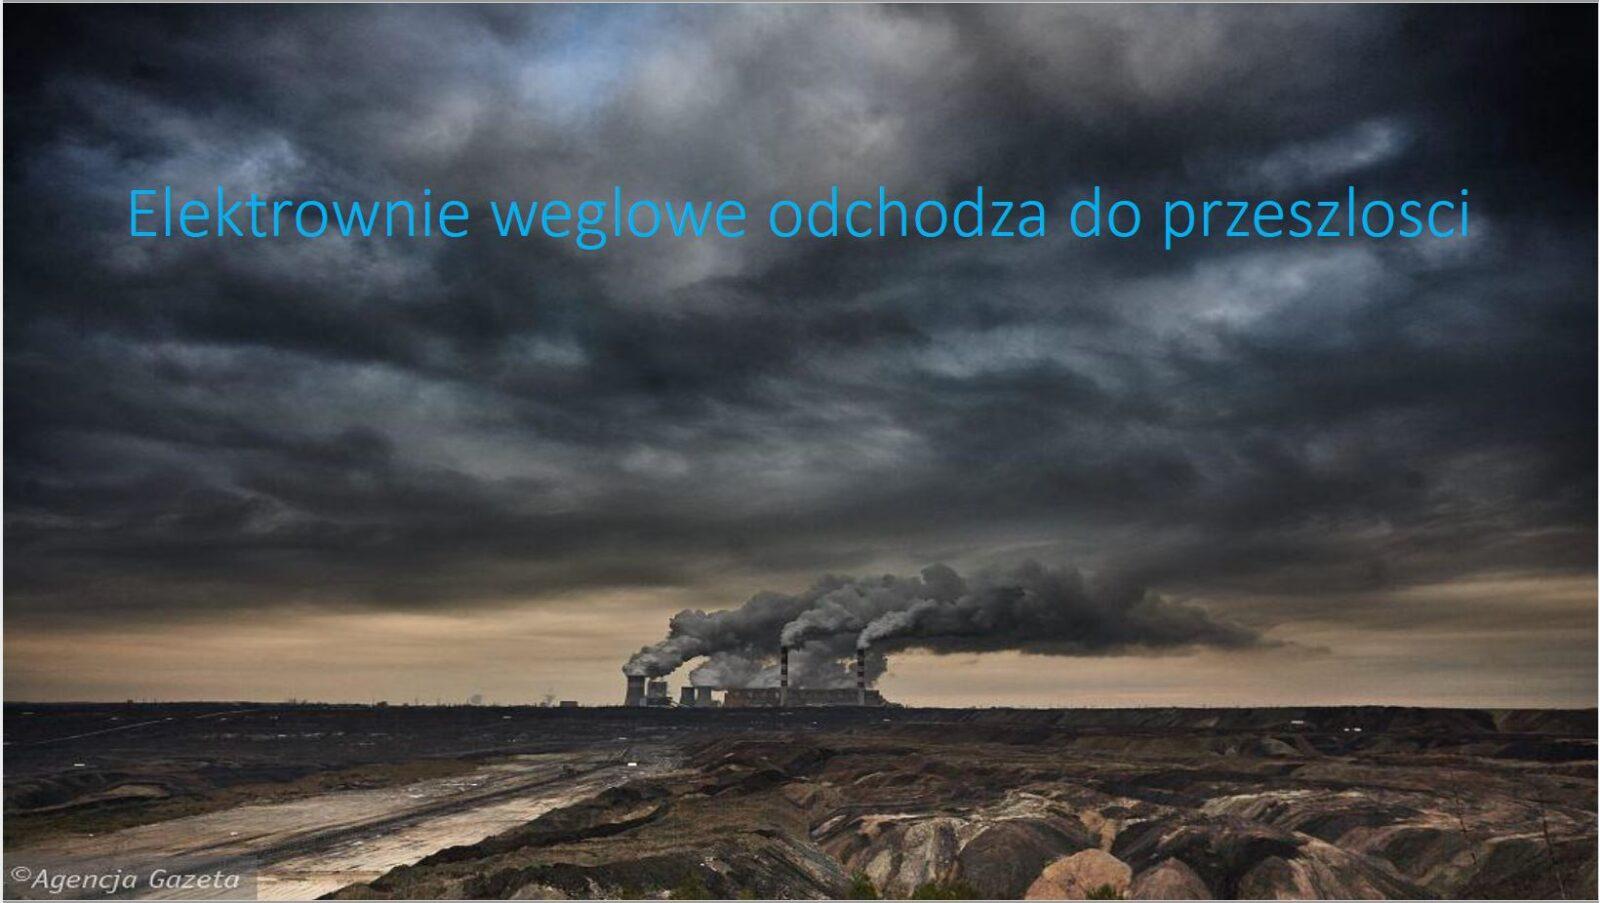 Elektrownie weglowe